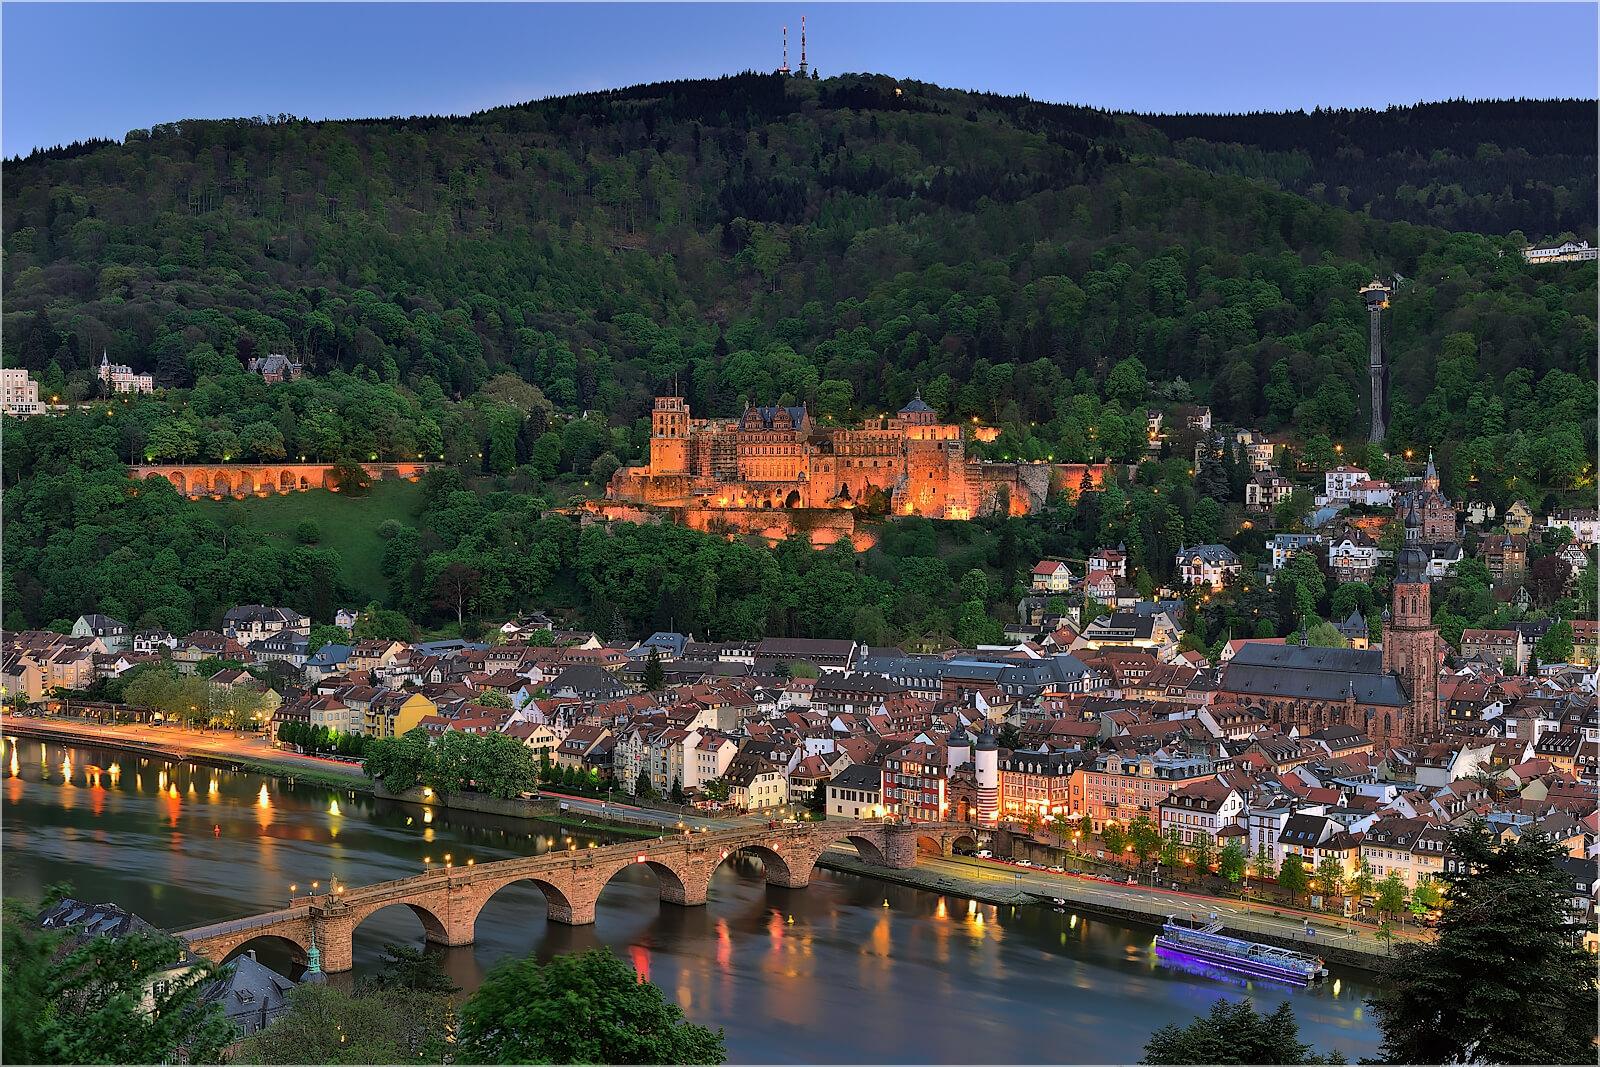 Wanddeko Heidelberg in der Dämmerung